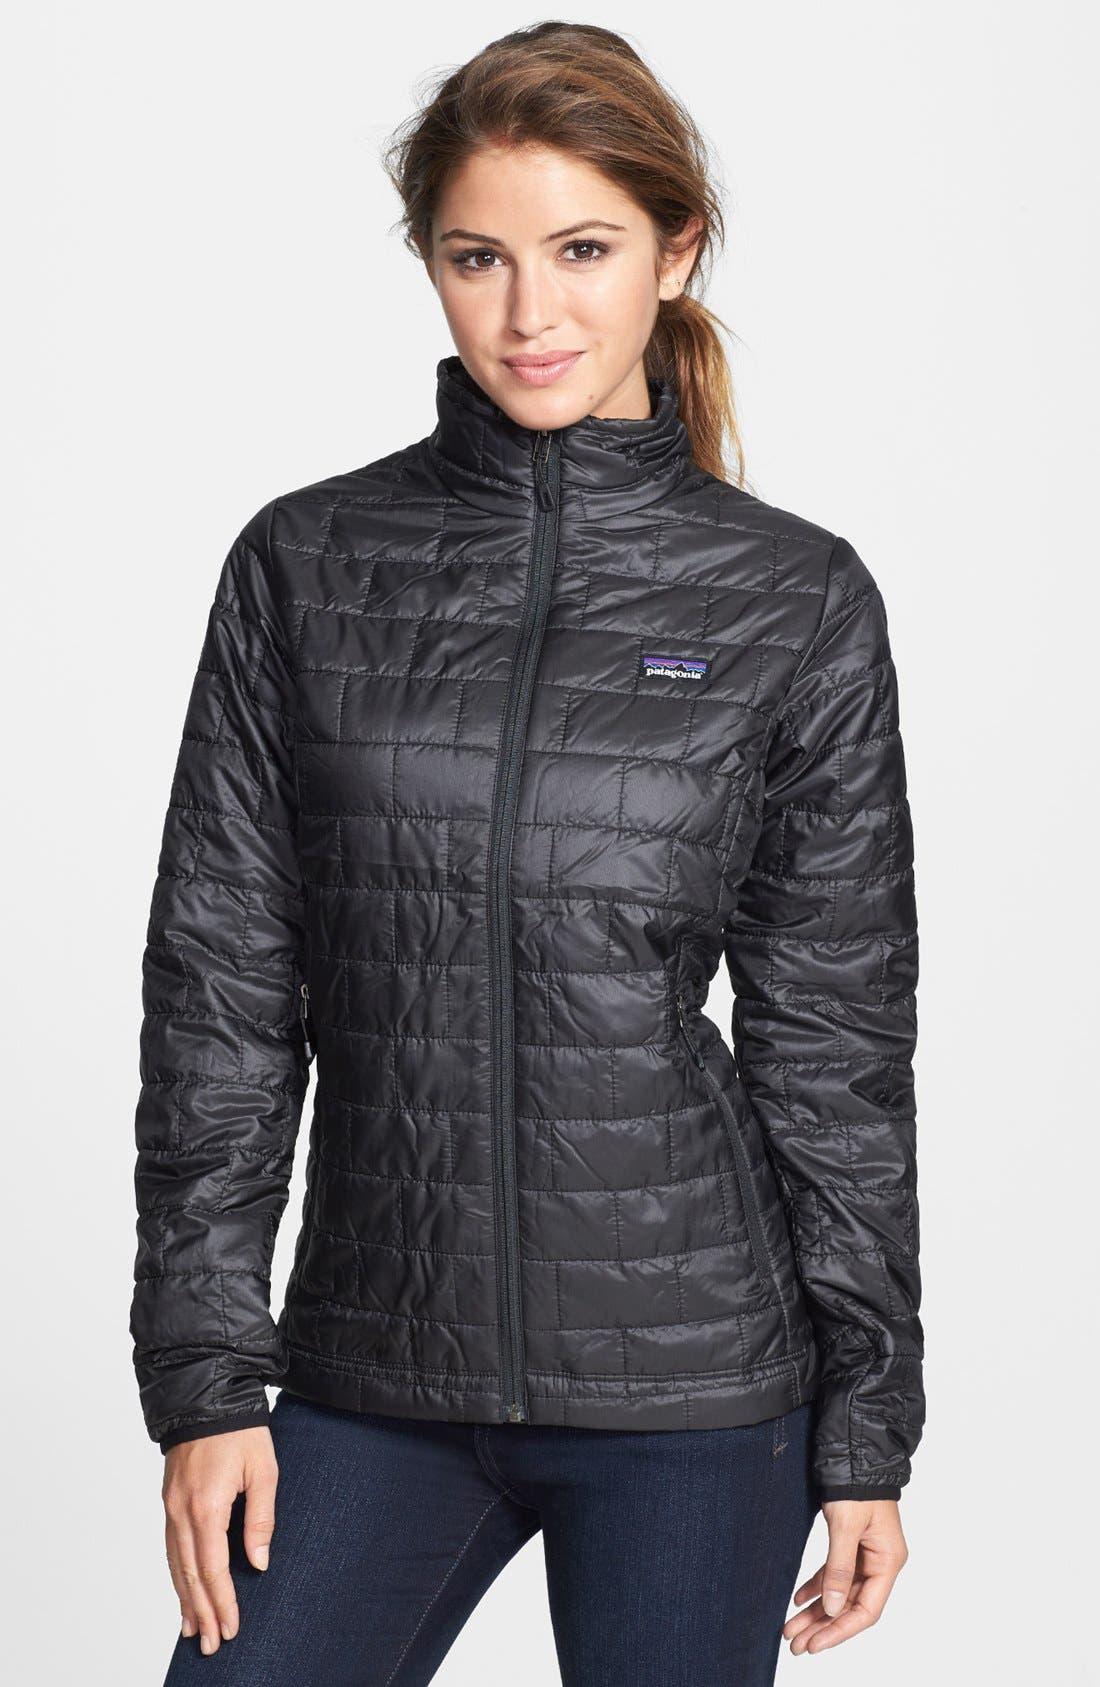 PATAGONIA, 'Nano Puff' Water Resistant Jacket, Main thumbnail 1, color, 001